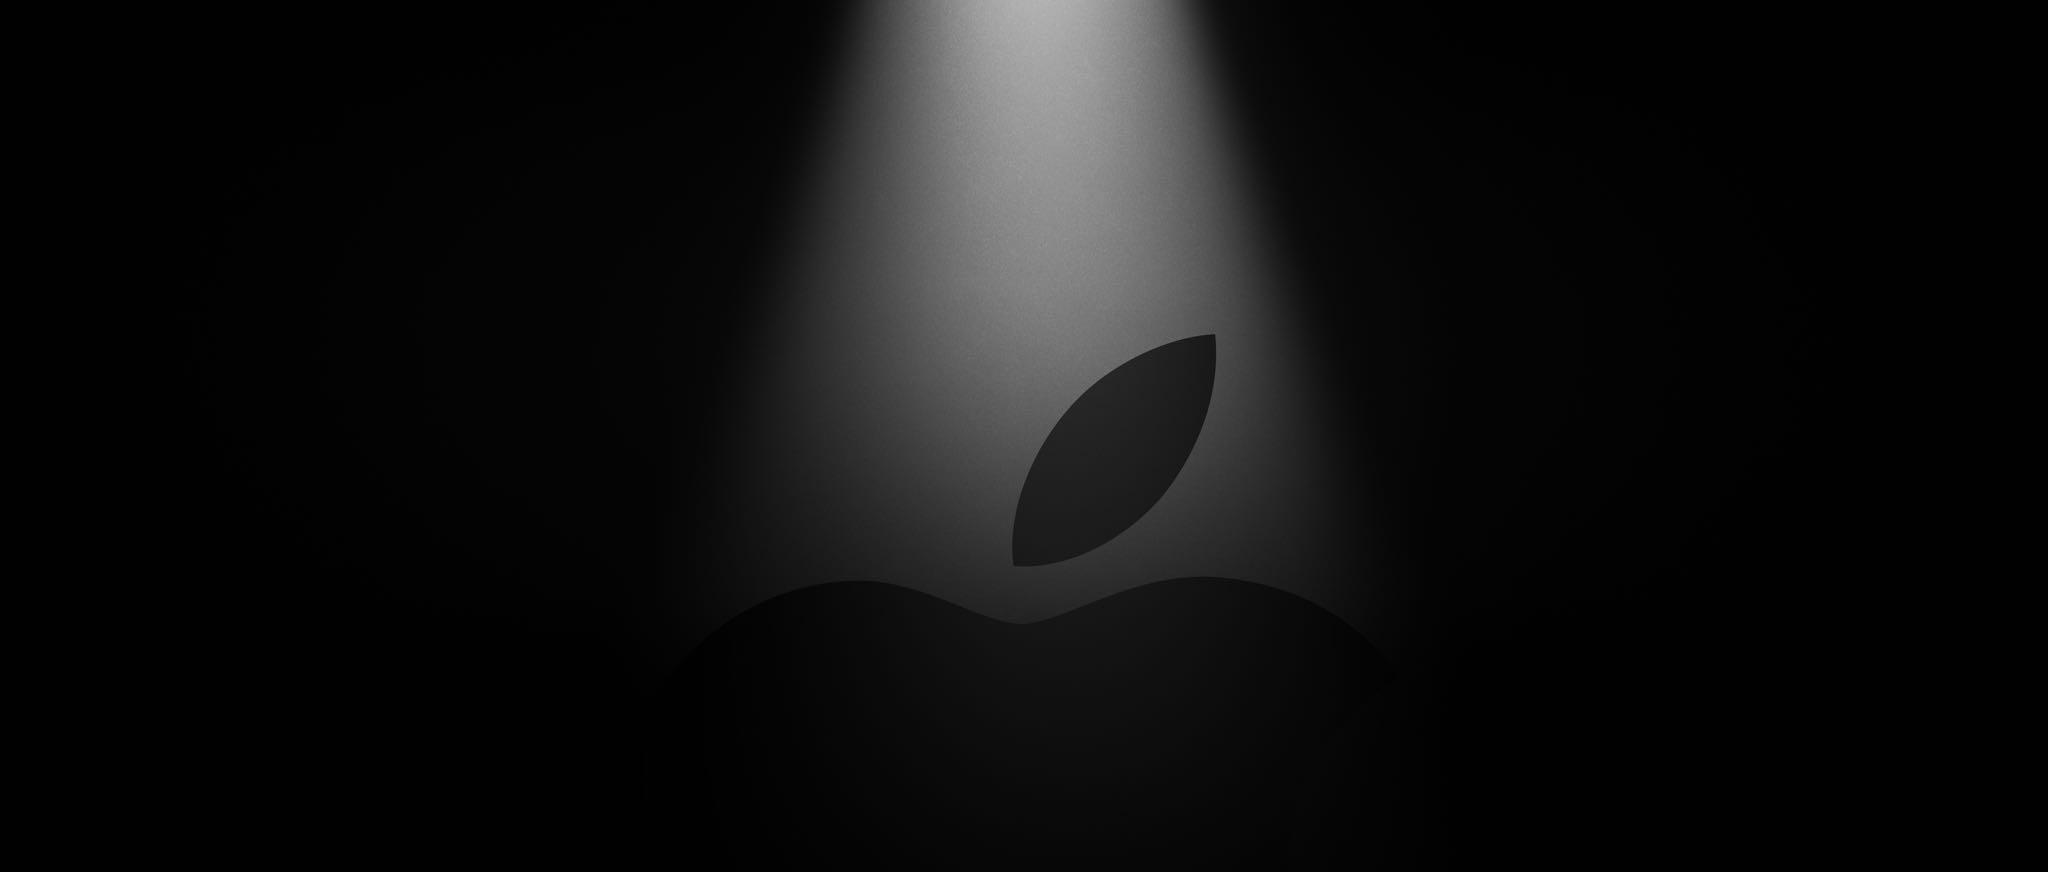 苹果可能很快发布新的 Windows 应用